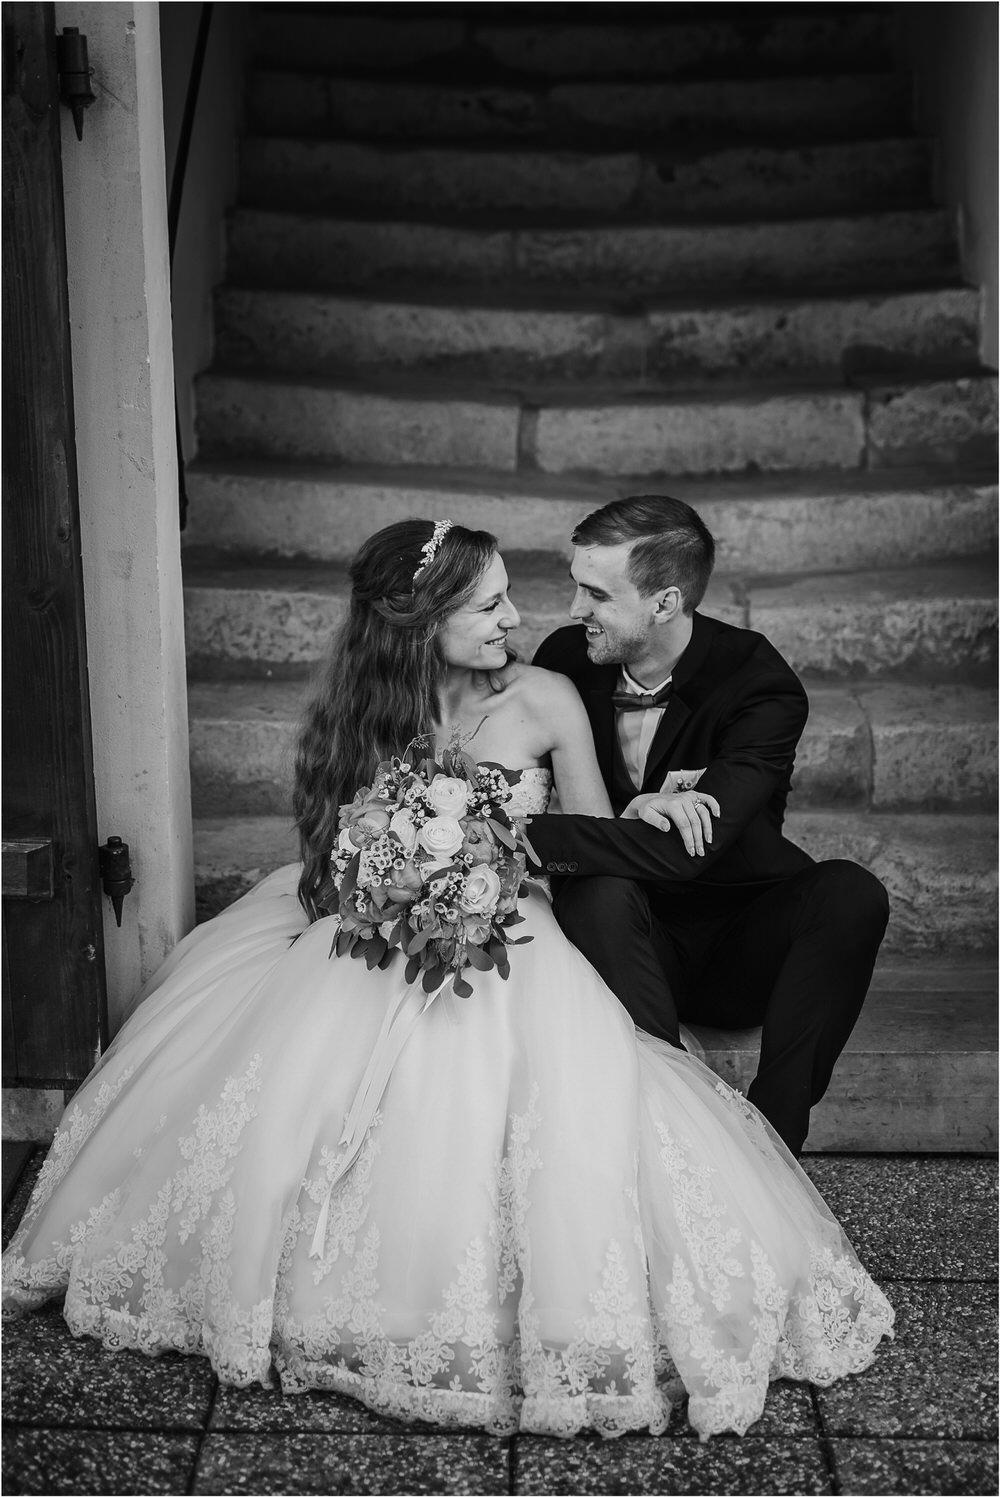 zicka kartuzija poroka porocni fotograf fotografija luka in ben loce elegantna poroka slovenski porocni fotograf  0071.jpg